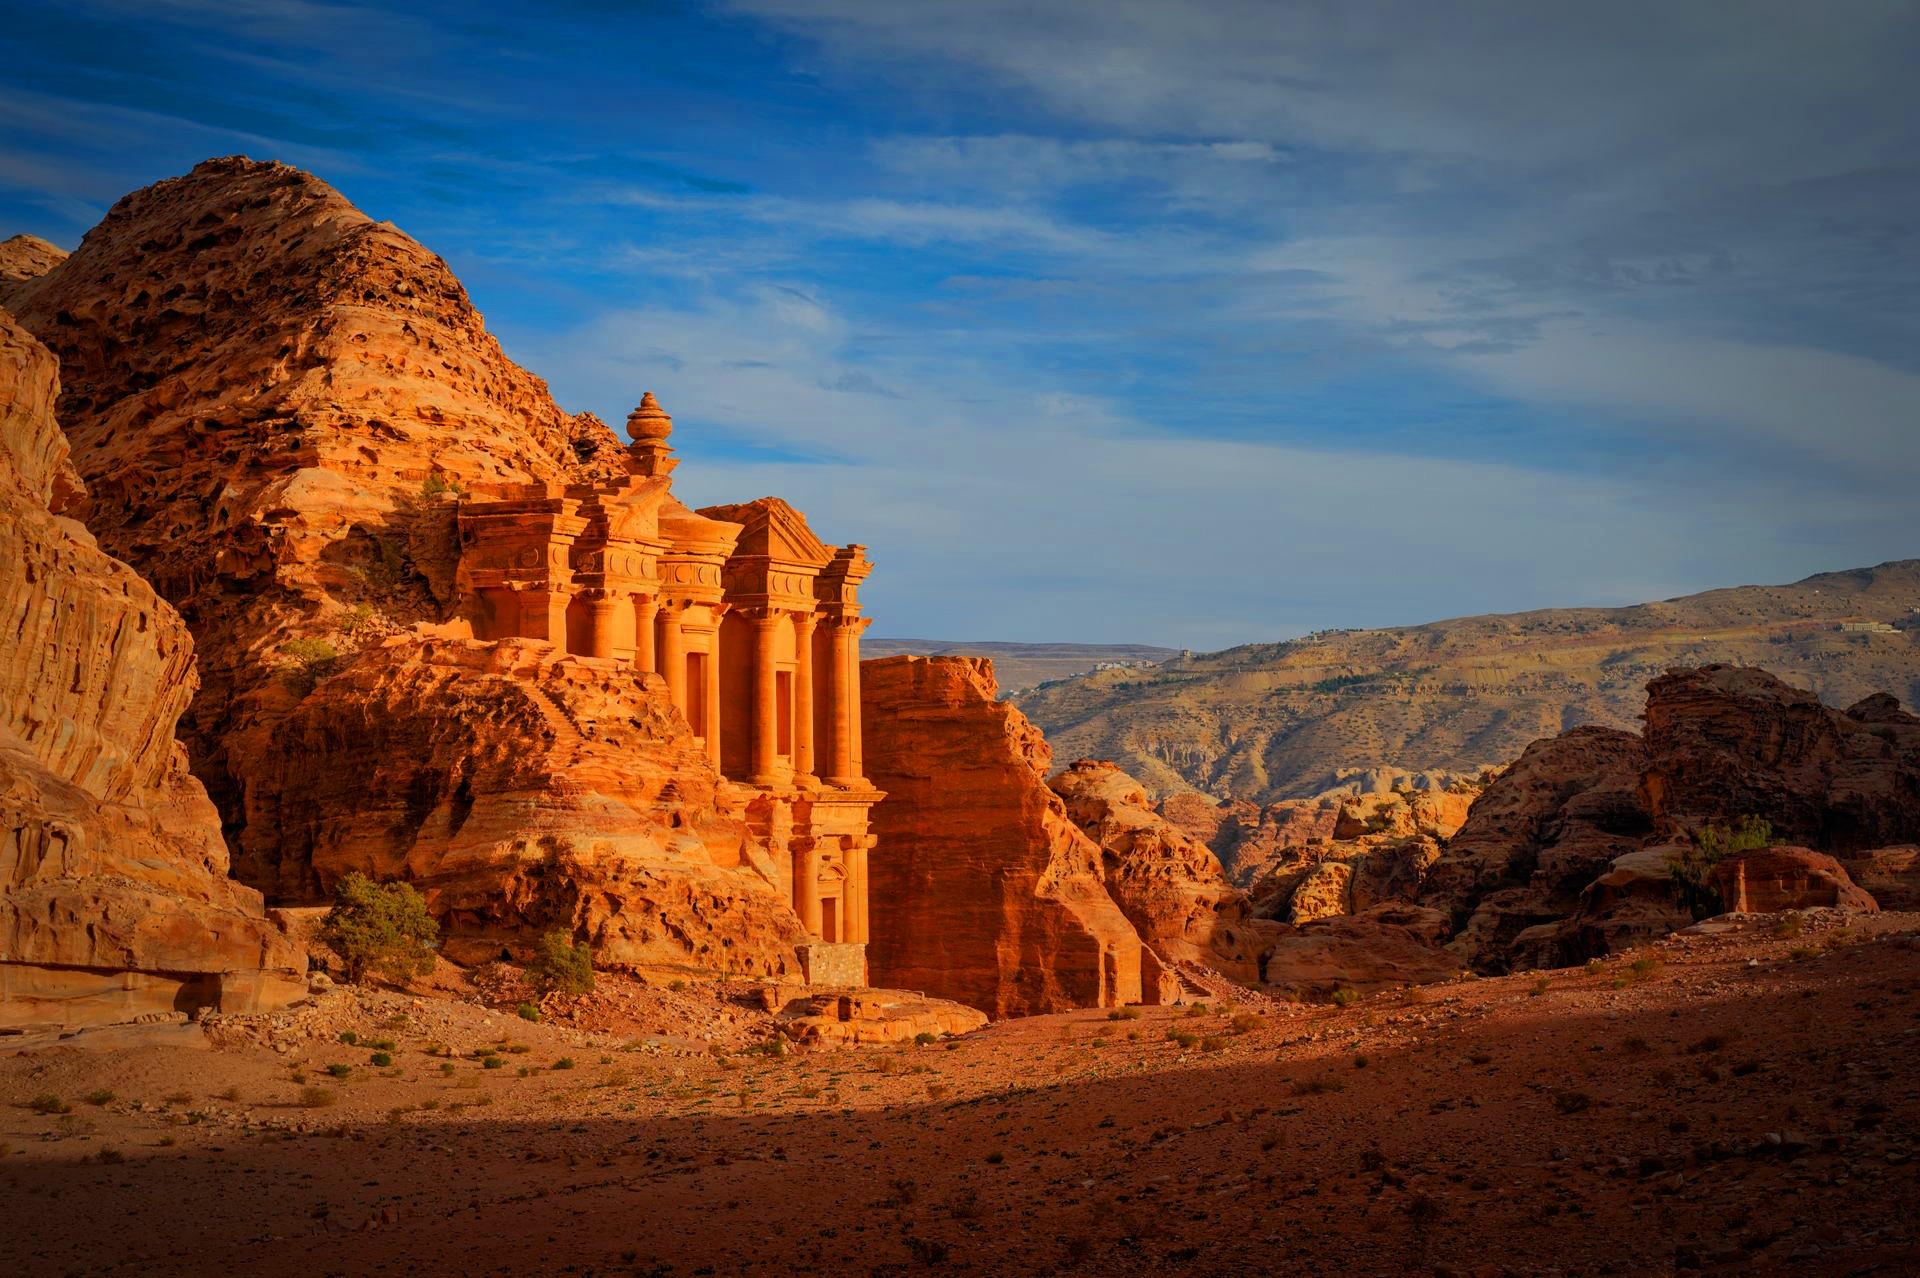 Monastery El Deir Petra